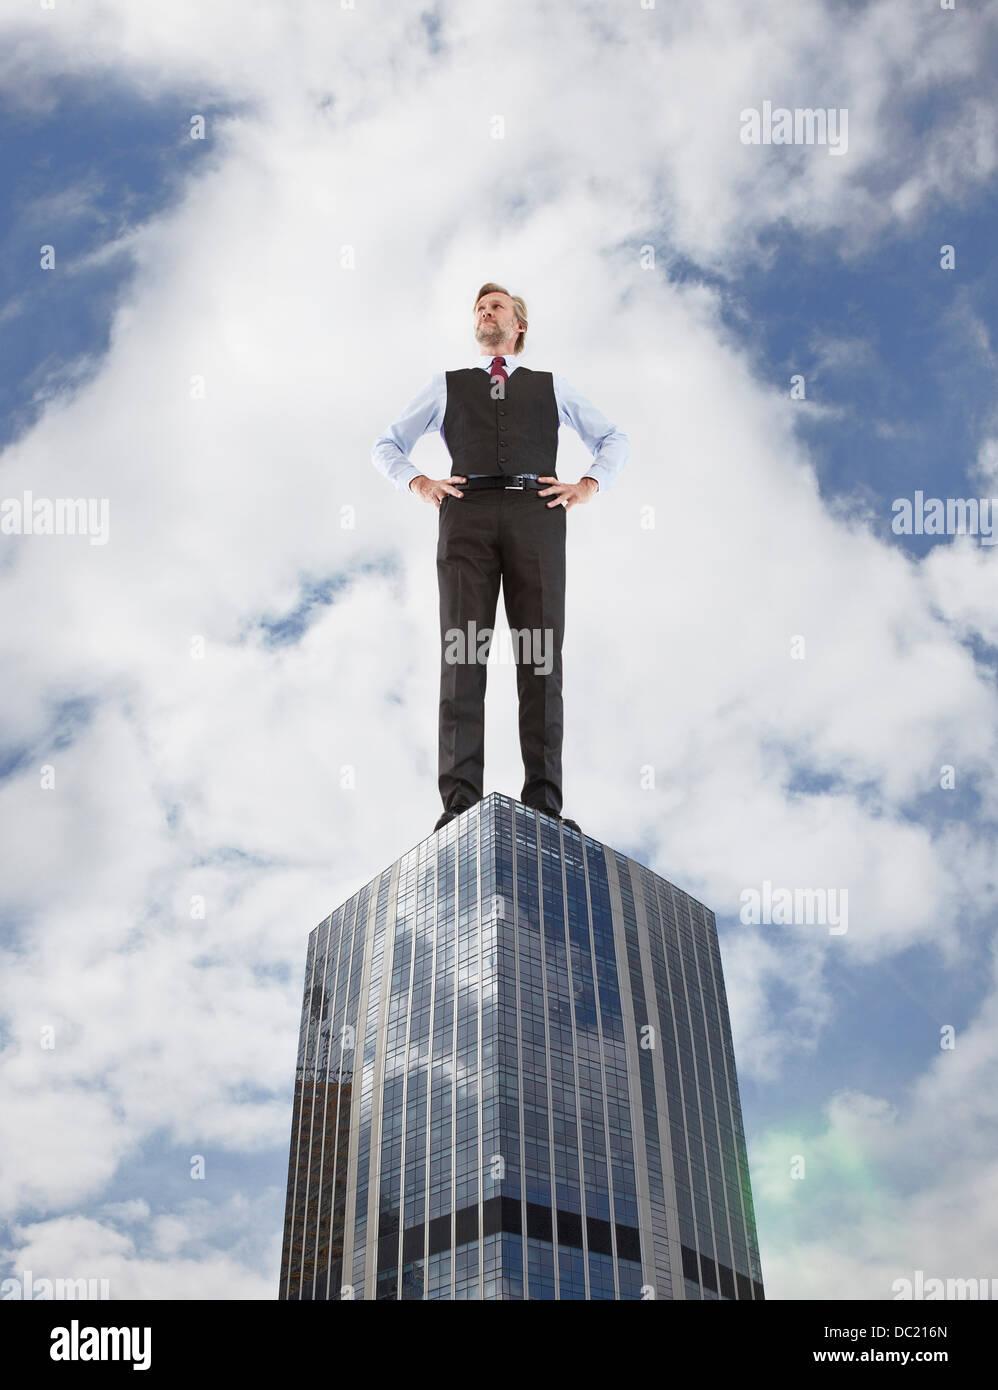 Empresario sobredimensionado de pie en rascacielos, bajo ángulo de visión Imagen De Stock